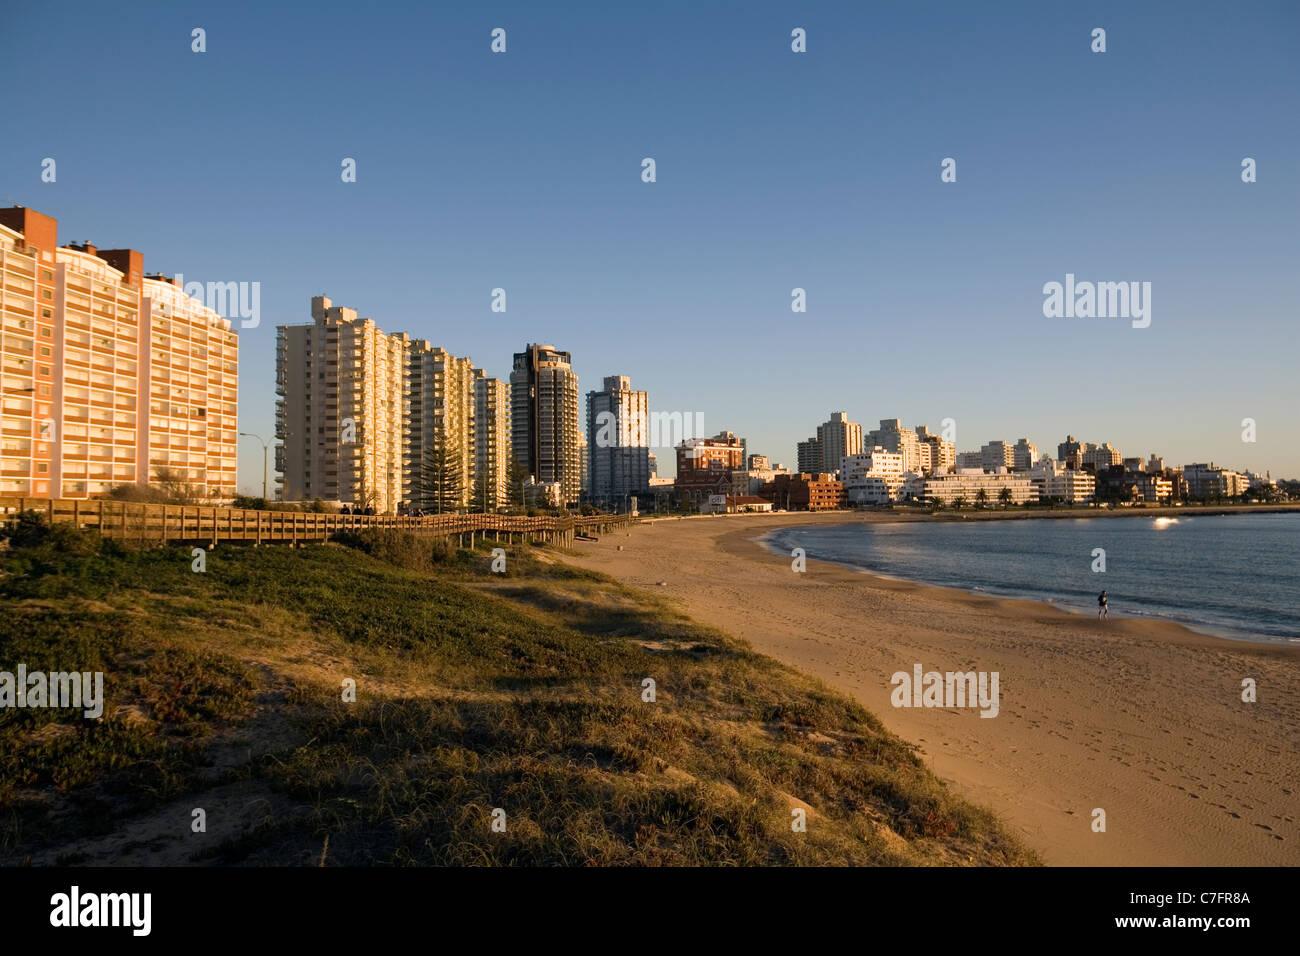 Punta del Este, Uruguay - Stock Image